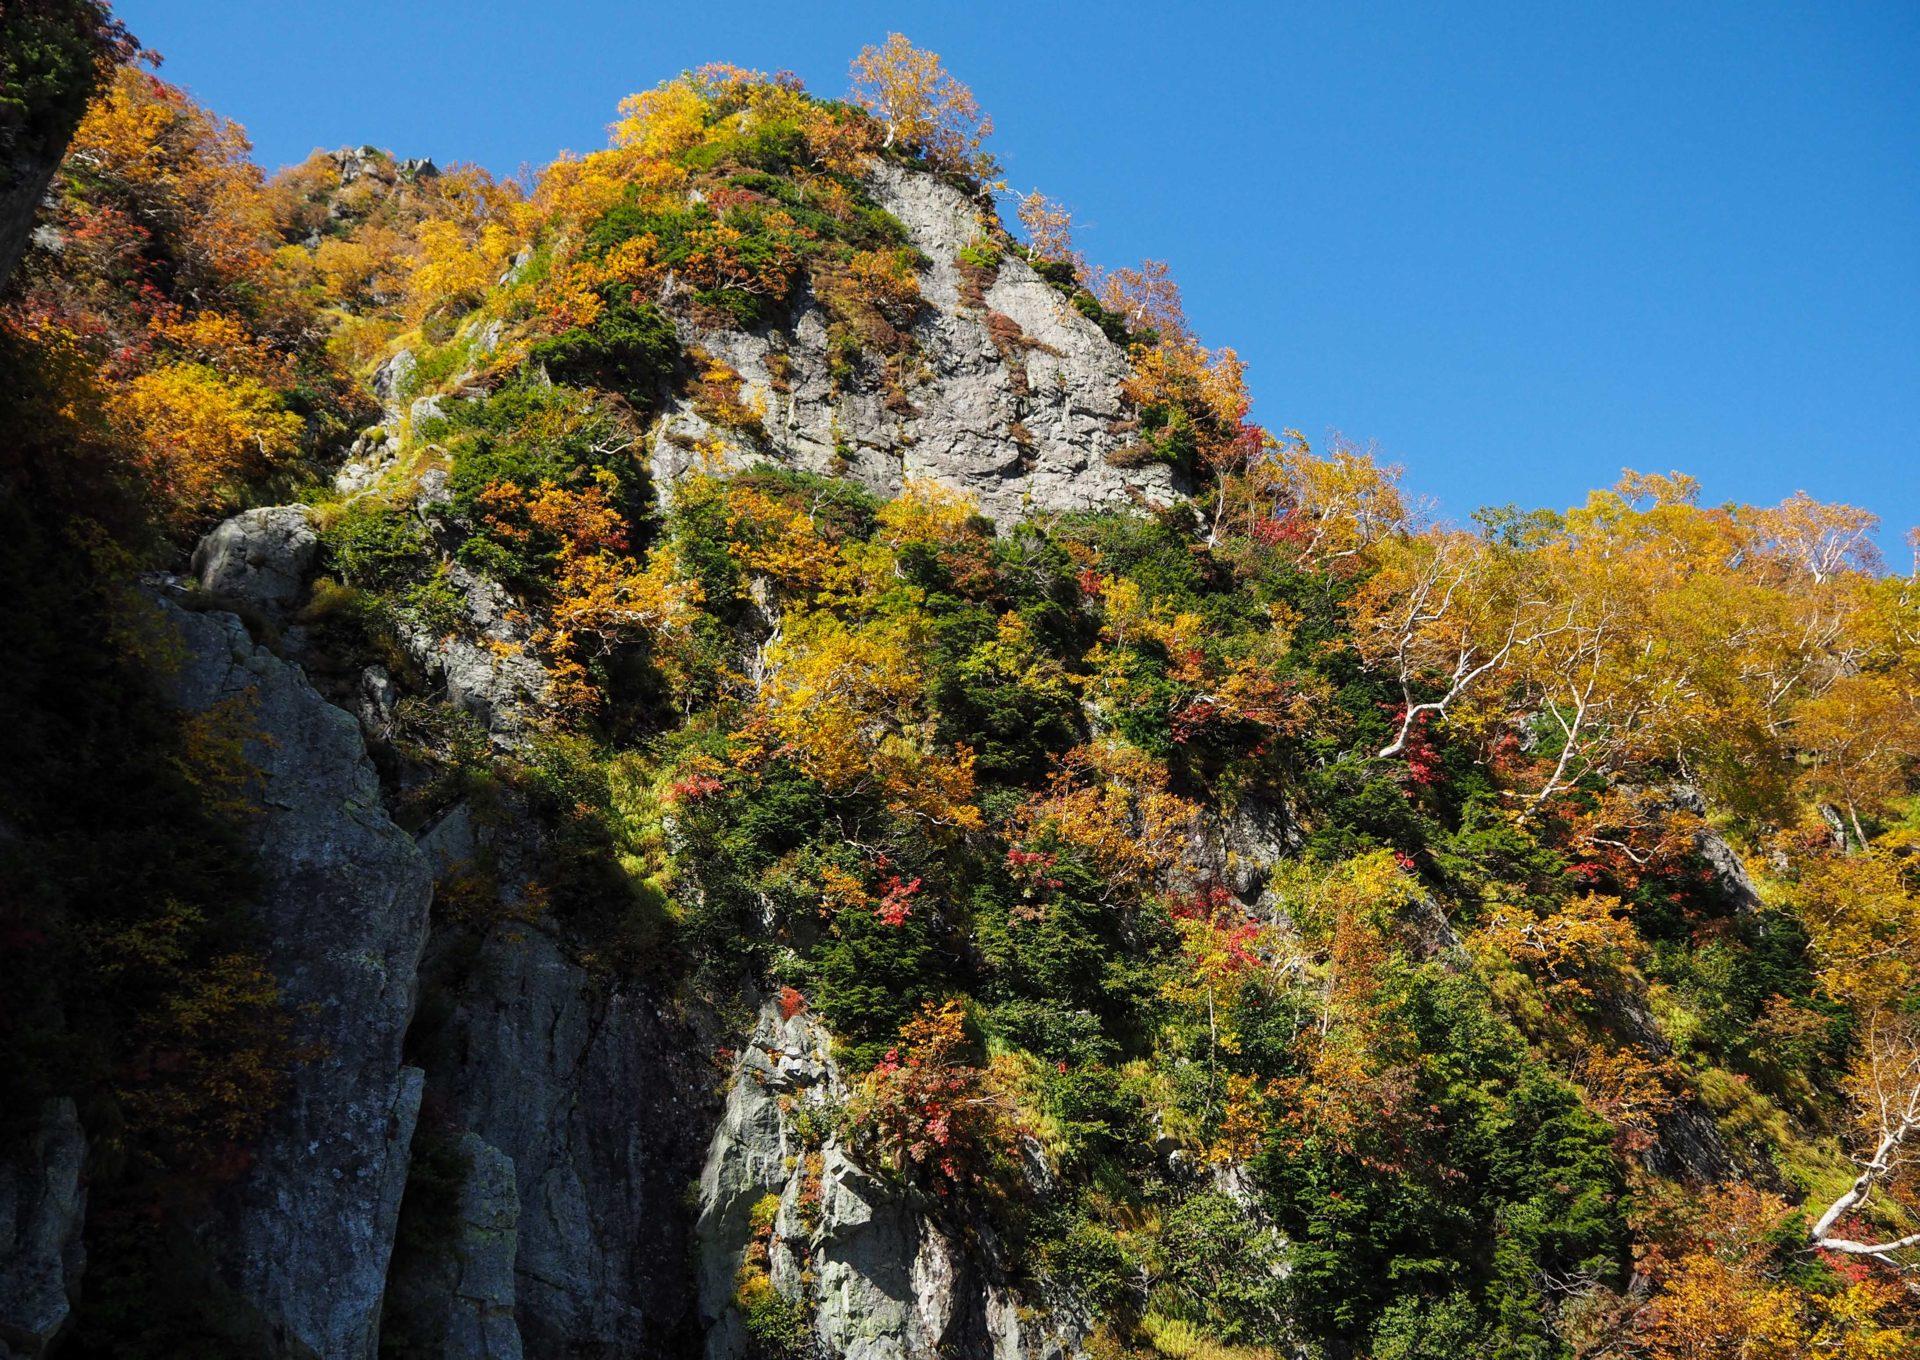 Barrage de Kurobe - Route Alpine Tateyama-Kurobe dans les Alpes Japonaises - Préfecture de Toyama, porte d'entrée vers les Alpes Japonaises - Voyager au Japon hors des sentiers battus